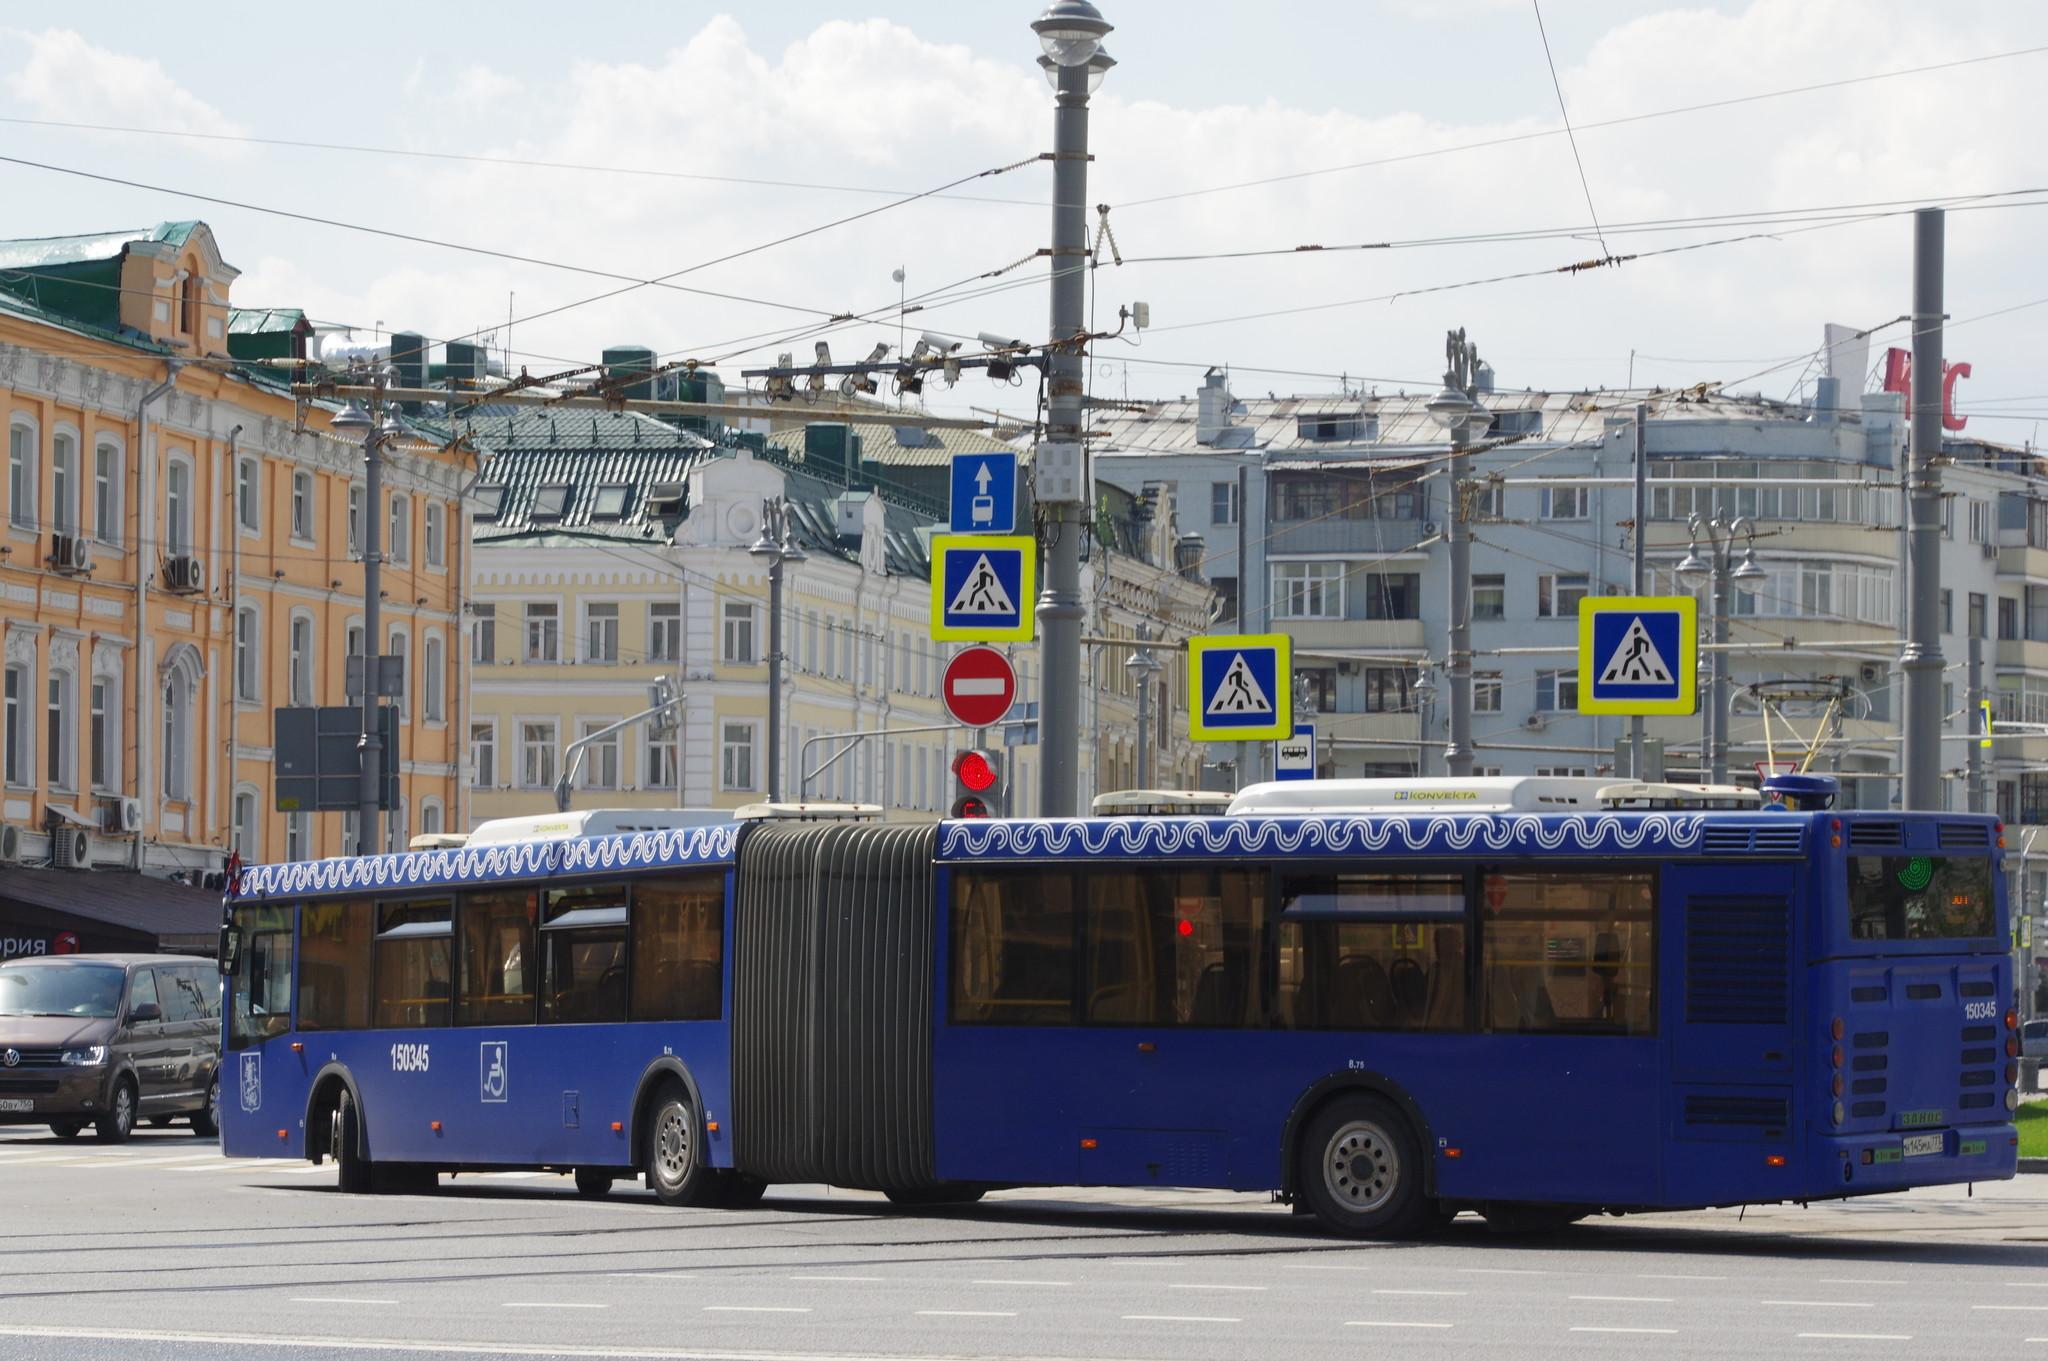 Автобус ЛиАЗ-6213.22 № 150345 на площади Тверская Застава